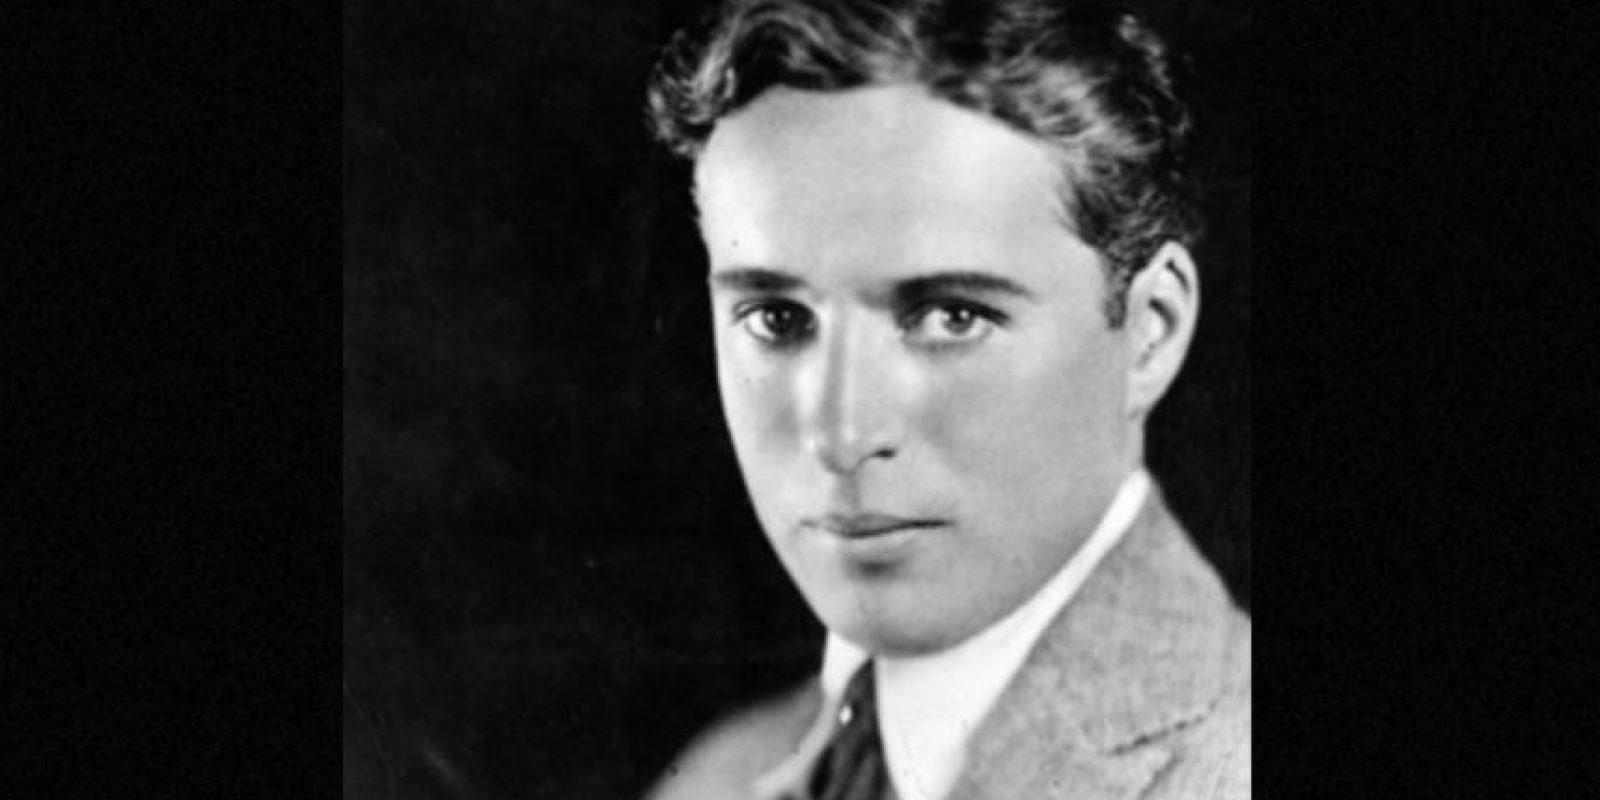 Hay algo en su rostro que recuerda a Charles Chaplin. Foto:Getty Images. Imagen Por: